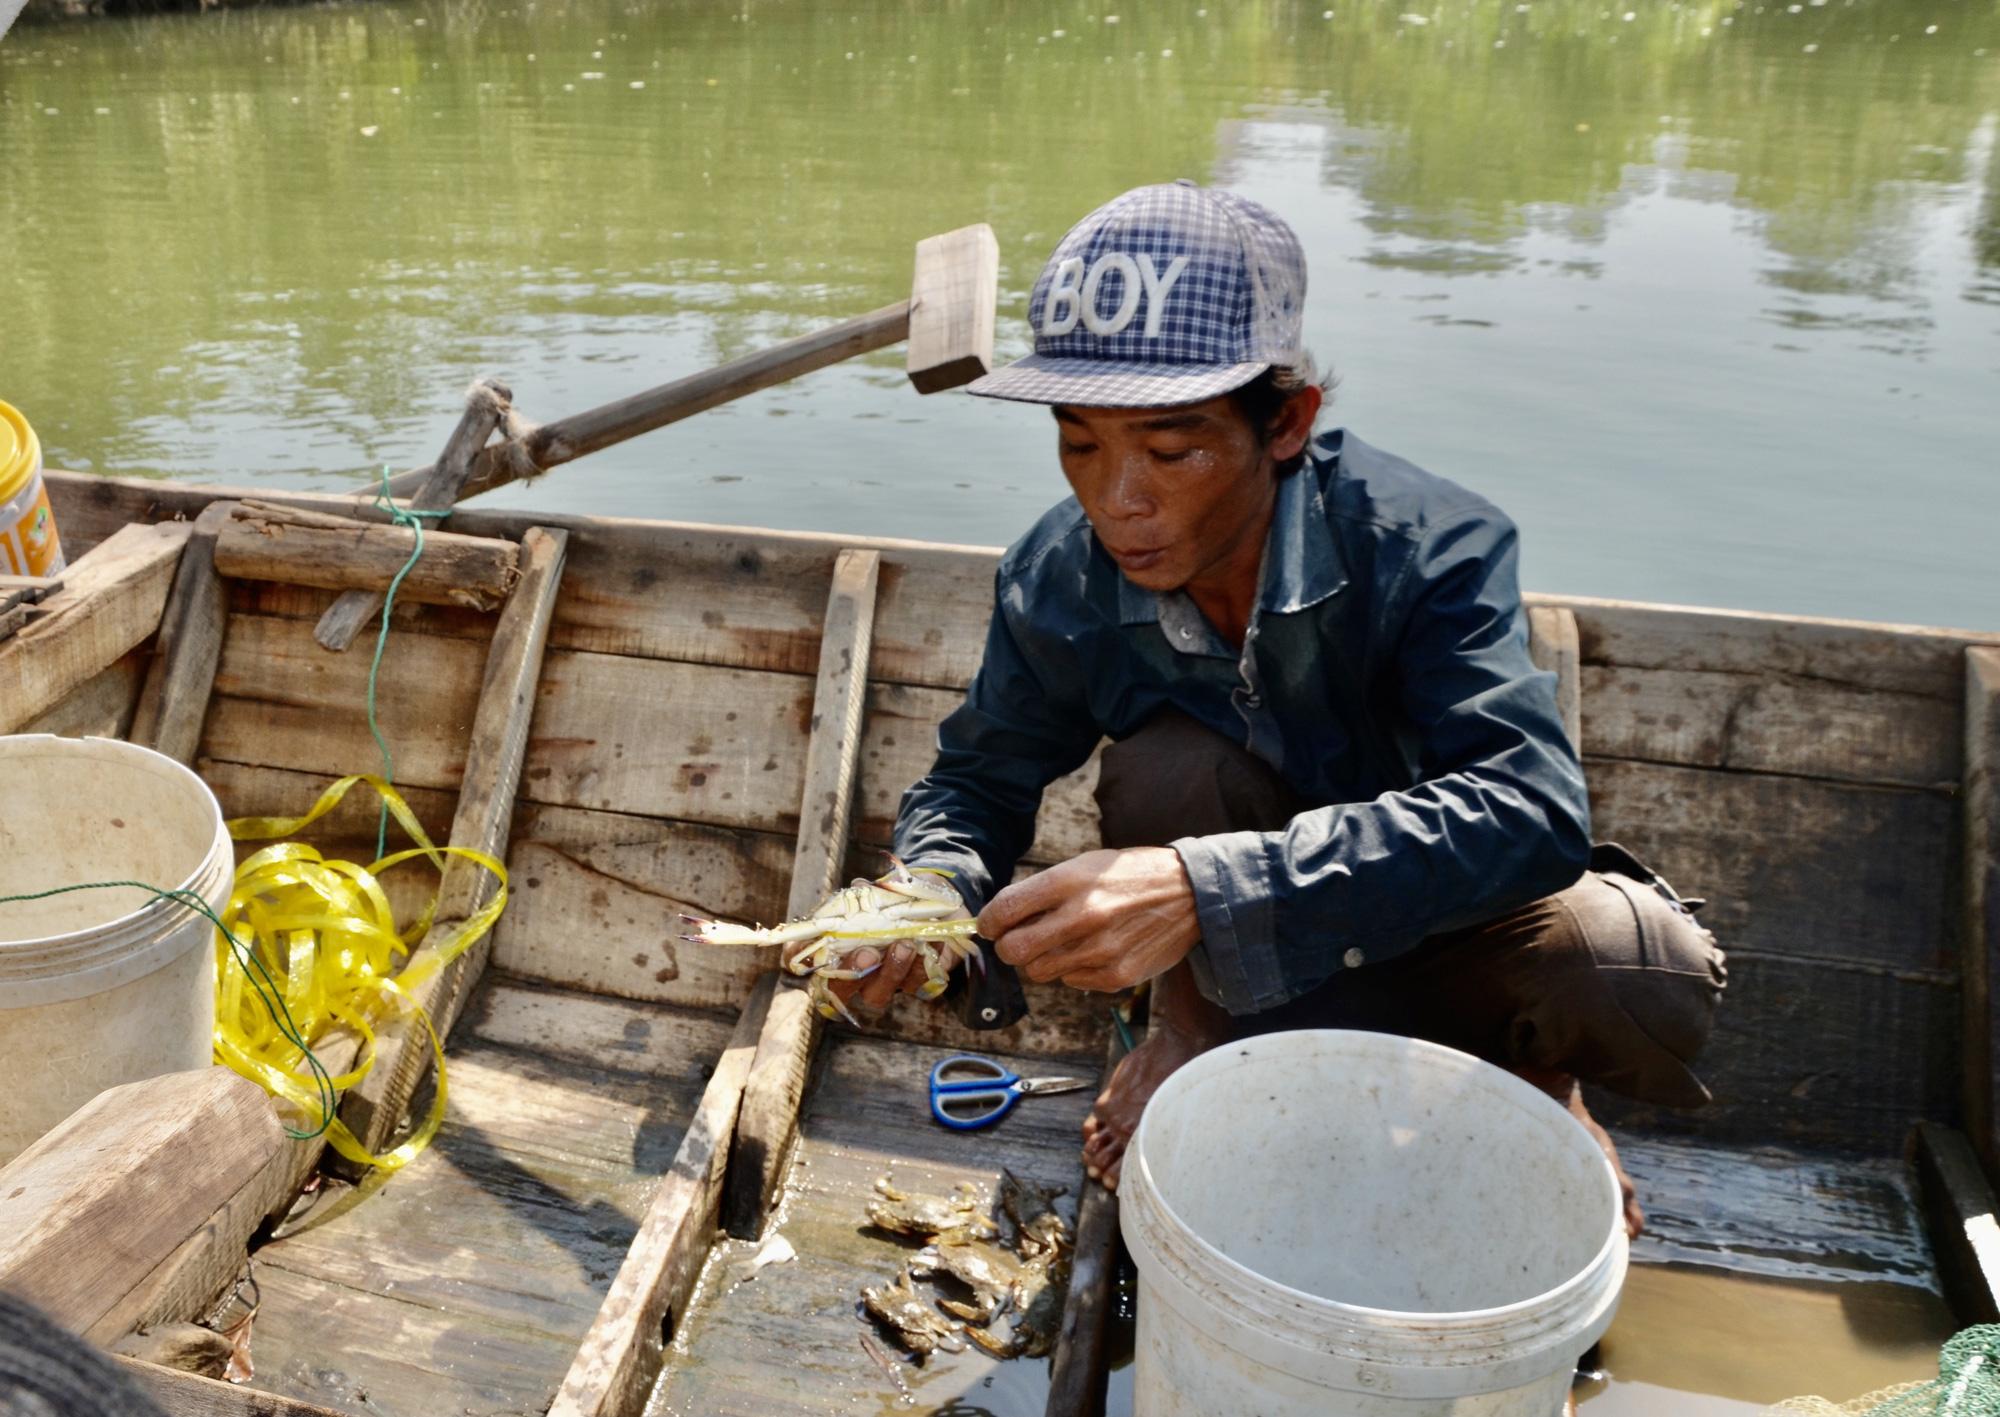 Bà Rịa-Vũng Tàu: Đáng mừng, dân đã bắt được vô số cá tôm trên sông Thị Vải, kiếm 500.000 đồng mỗi ngày - Ảnh 2.